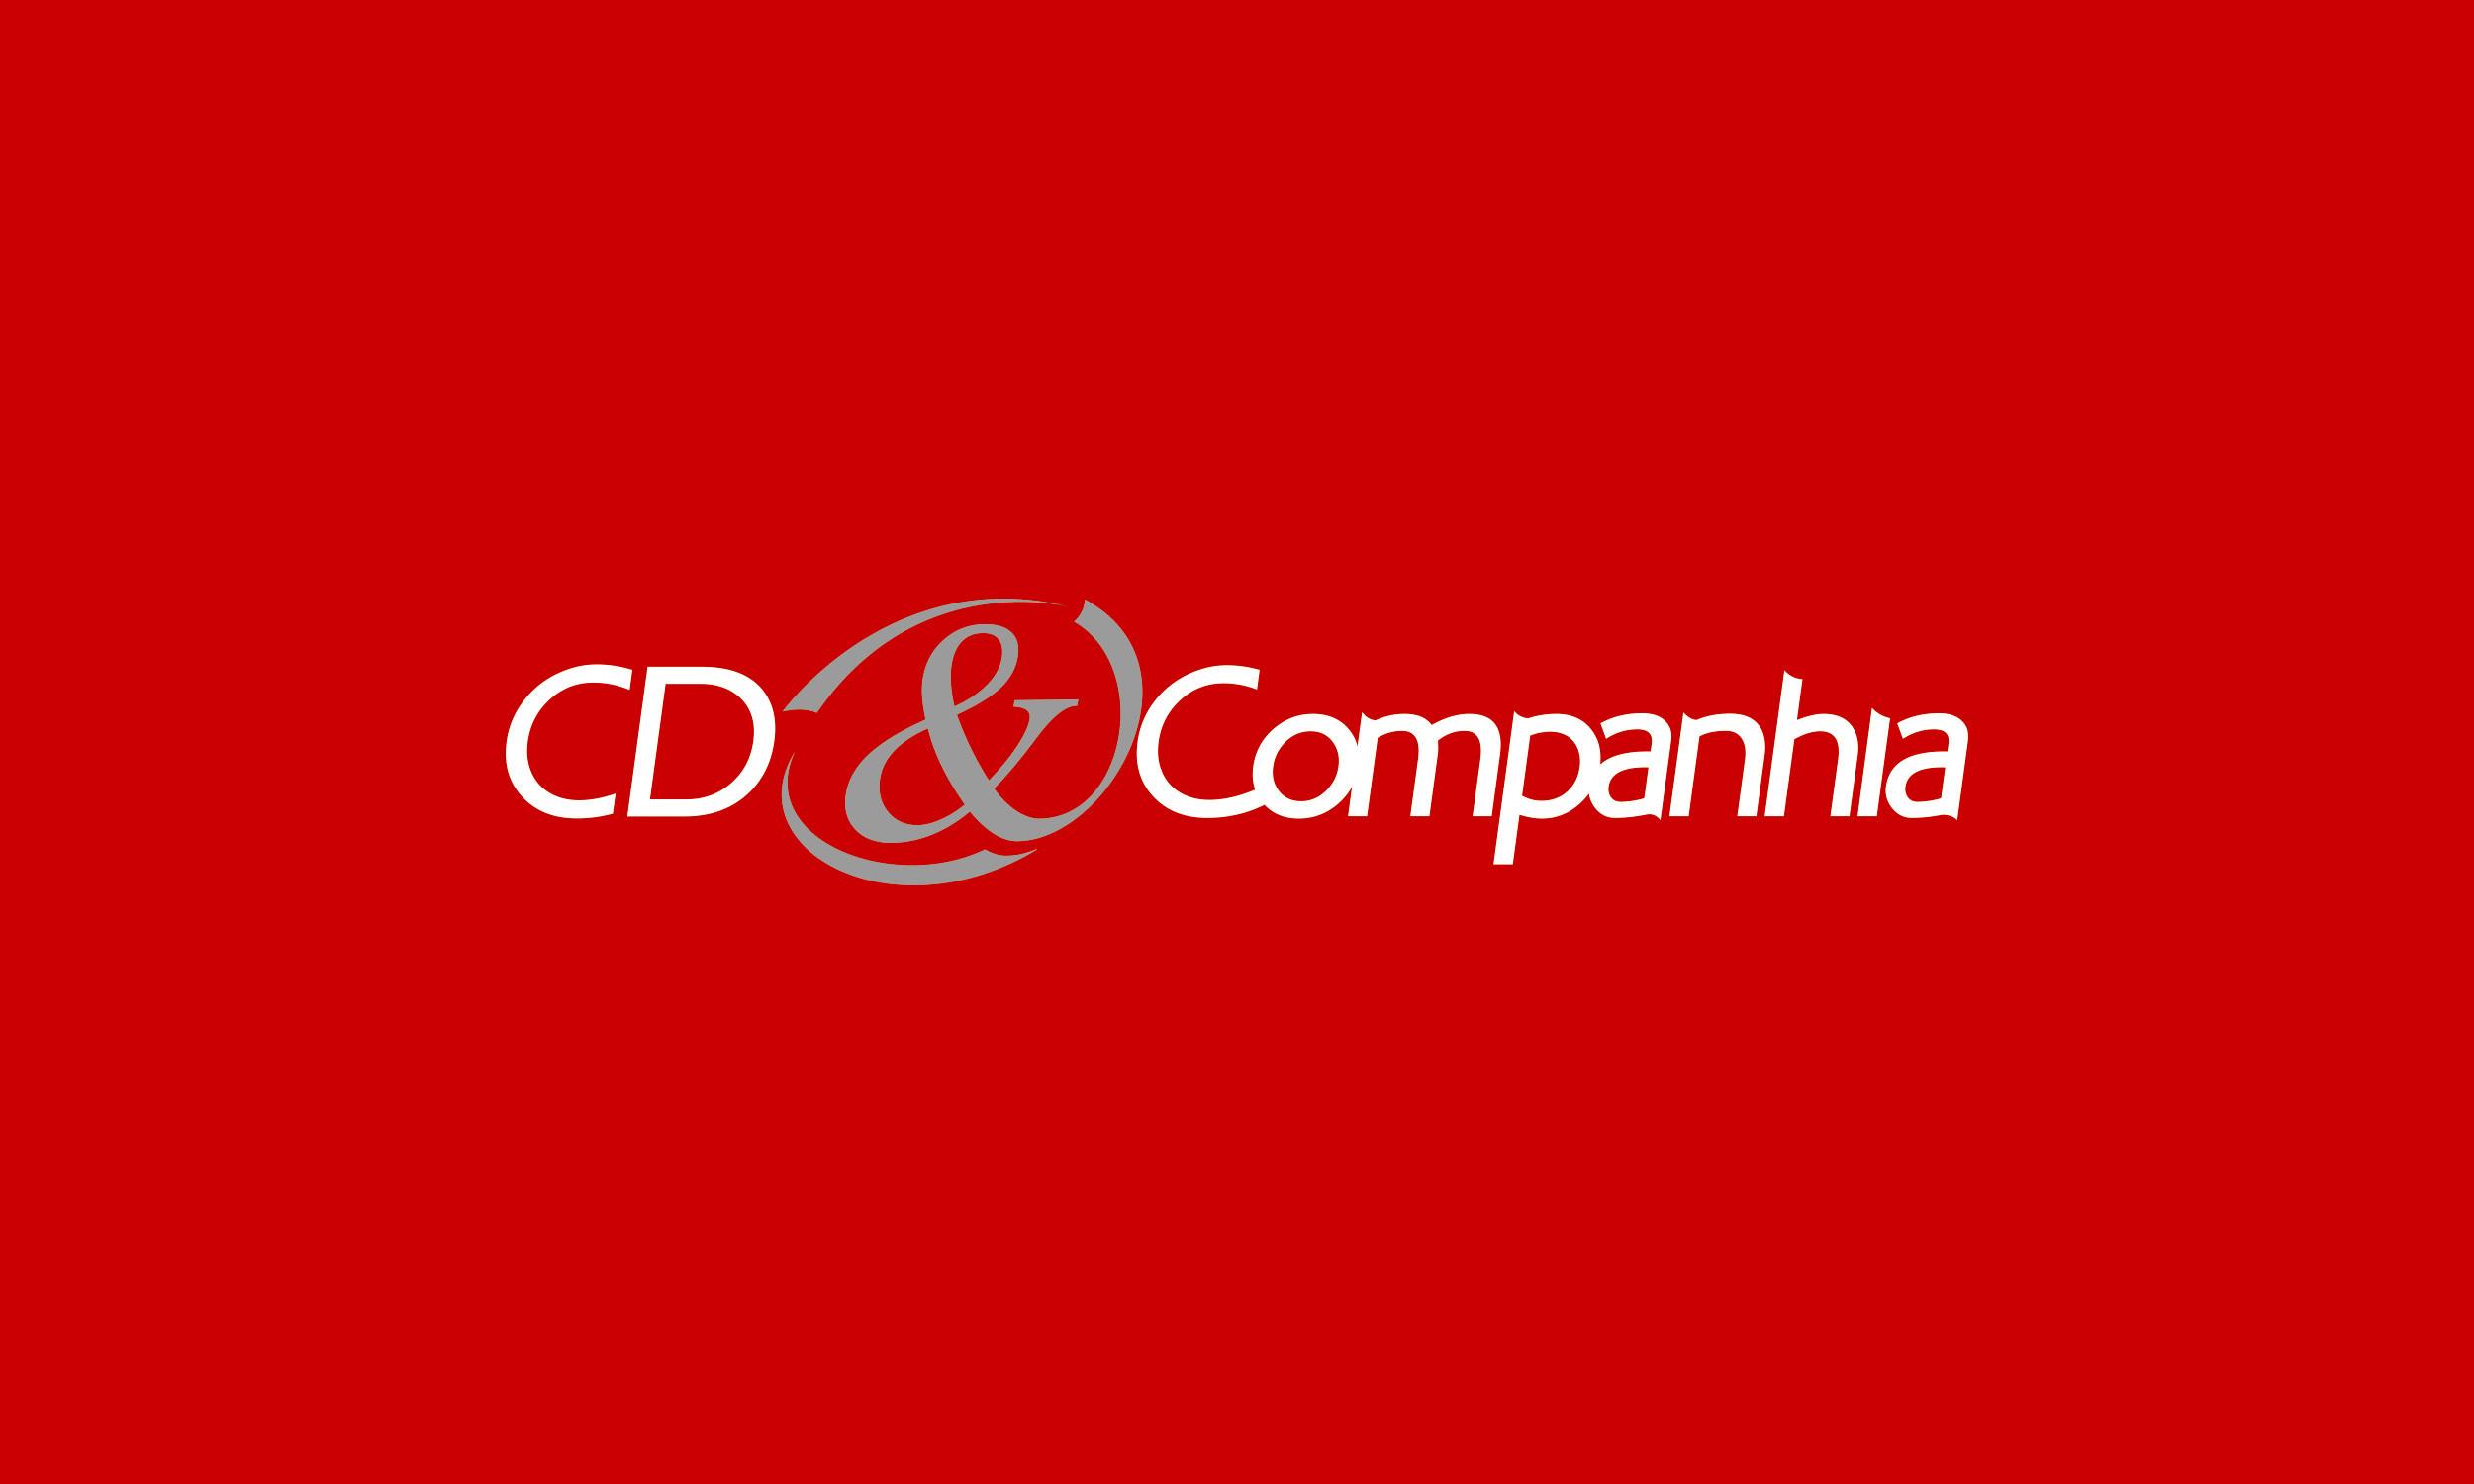 CD & Companhia